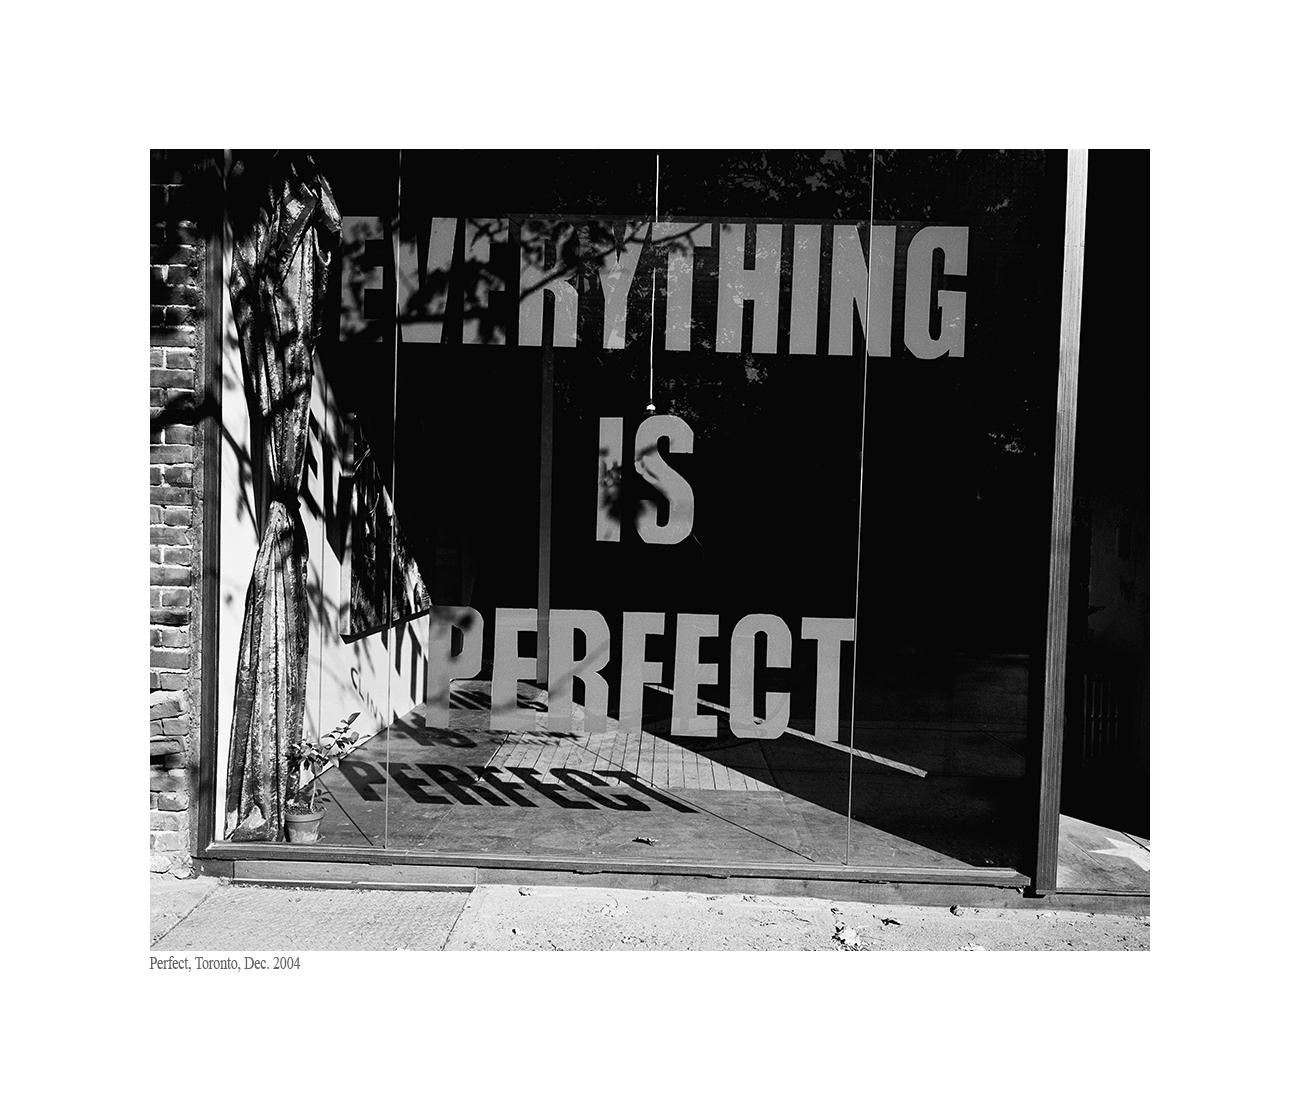 Perfect.tif_2005 copy.jpg